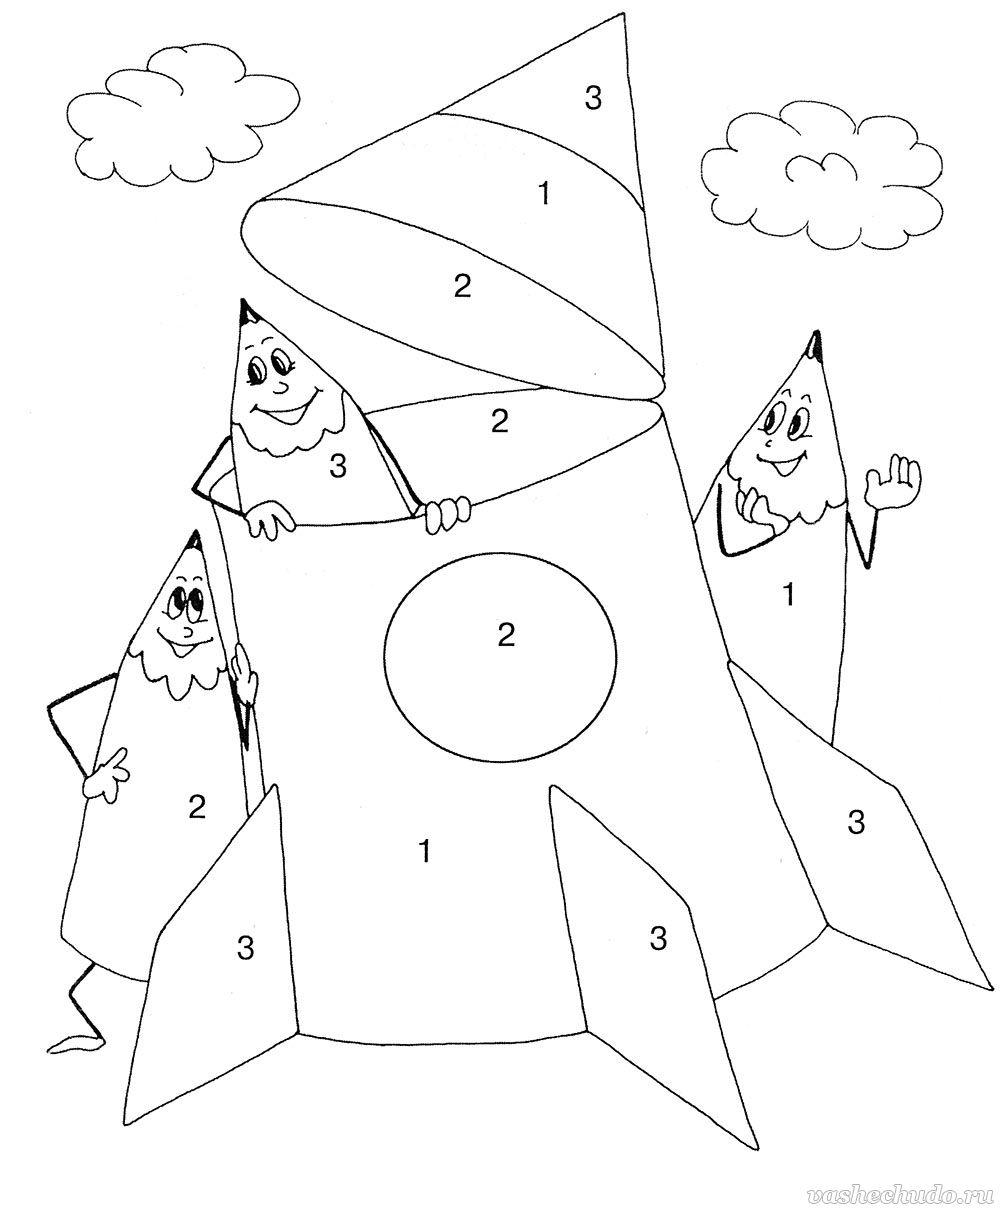 Раскраска по цифрам для детей от 3 лет